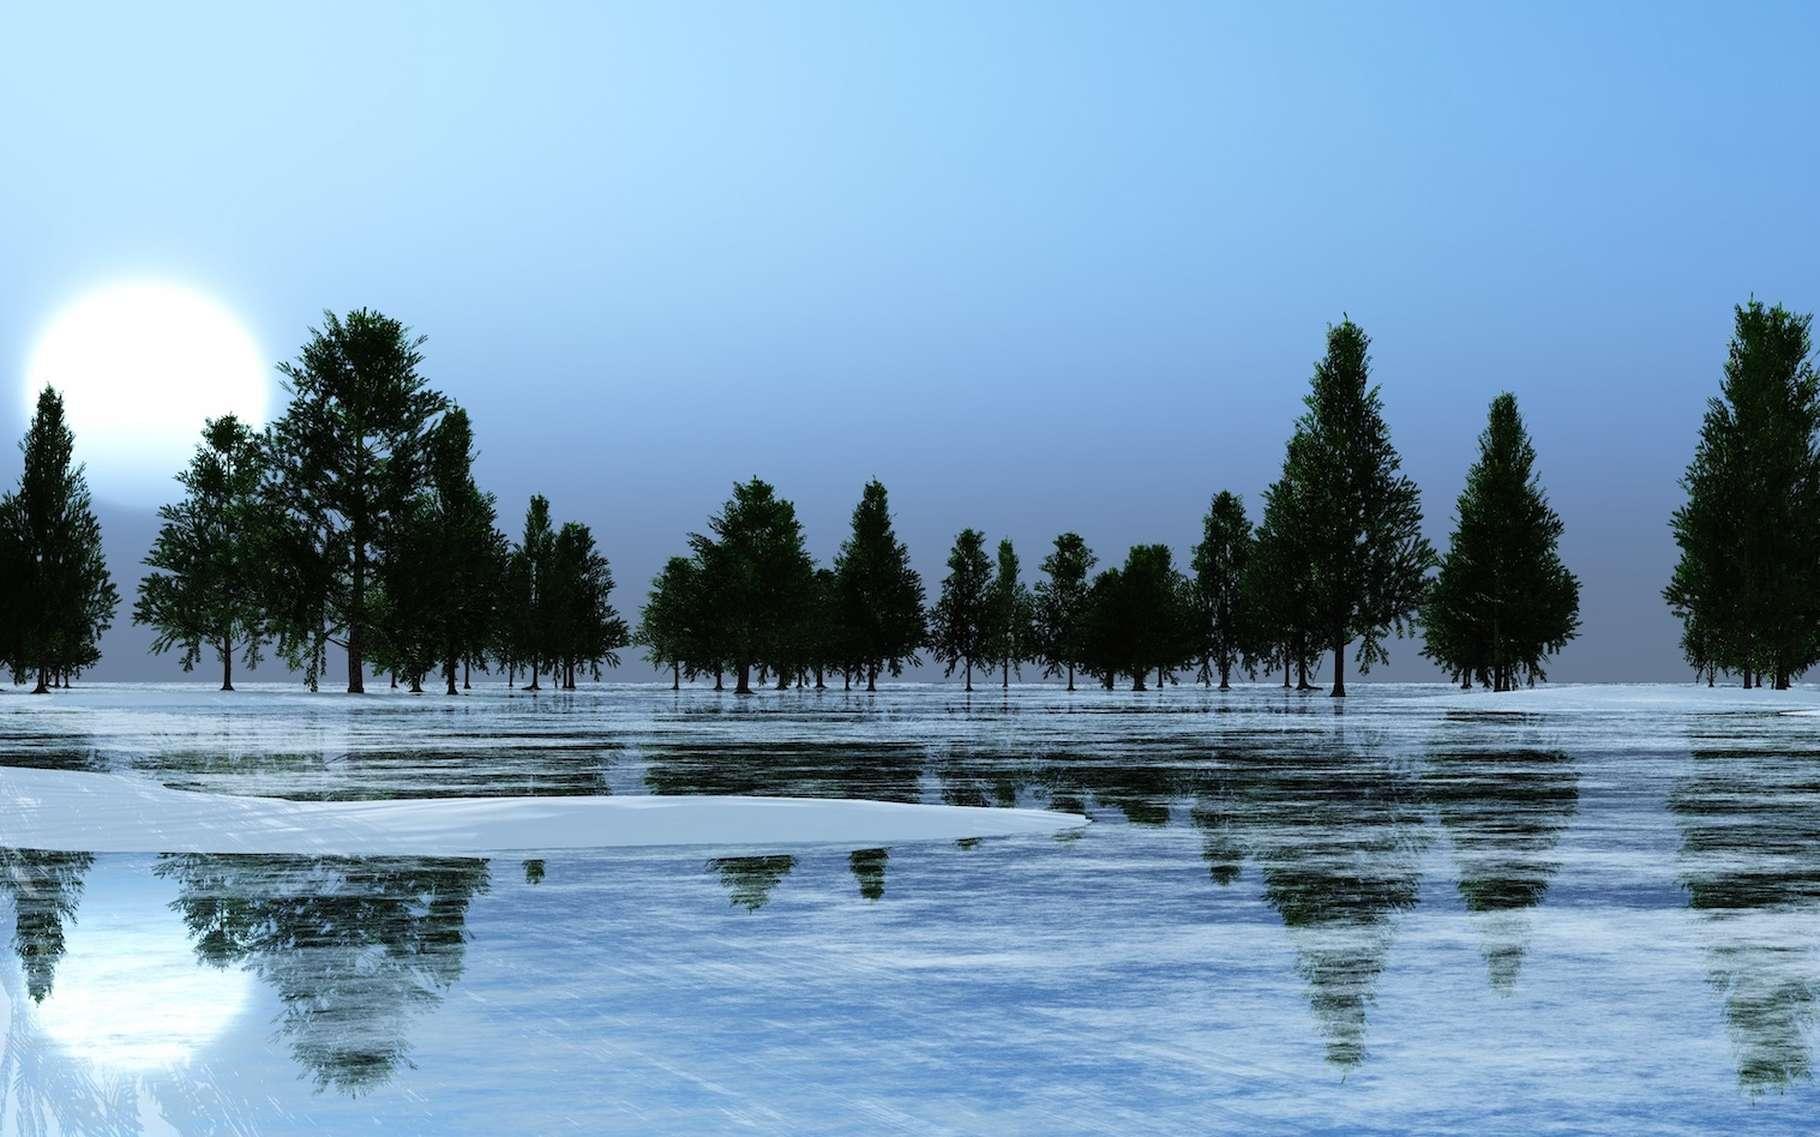 Des chercheurs de l'Institut Alfred Wegener pour la recherche polaire et marine (Allemagne) ont trouvé des traces d'une ancienne forêt en Antarctique. © ustas, Adobe Stock